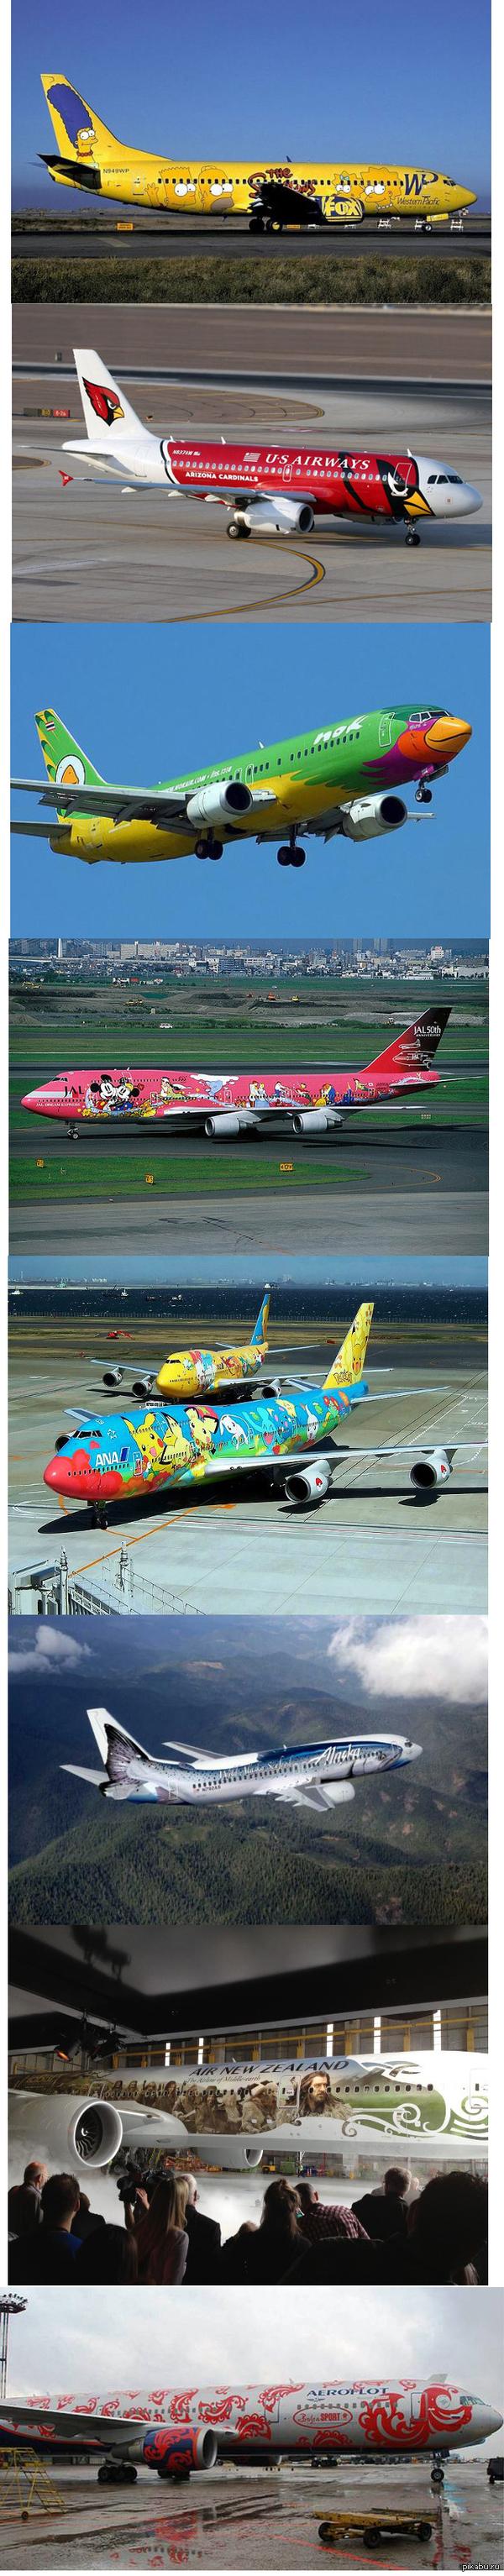 Самая необычная покраска самолетов   самолеты, небо, покраска, длиннопост